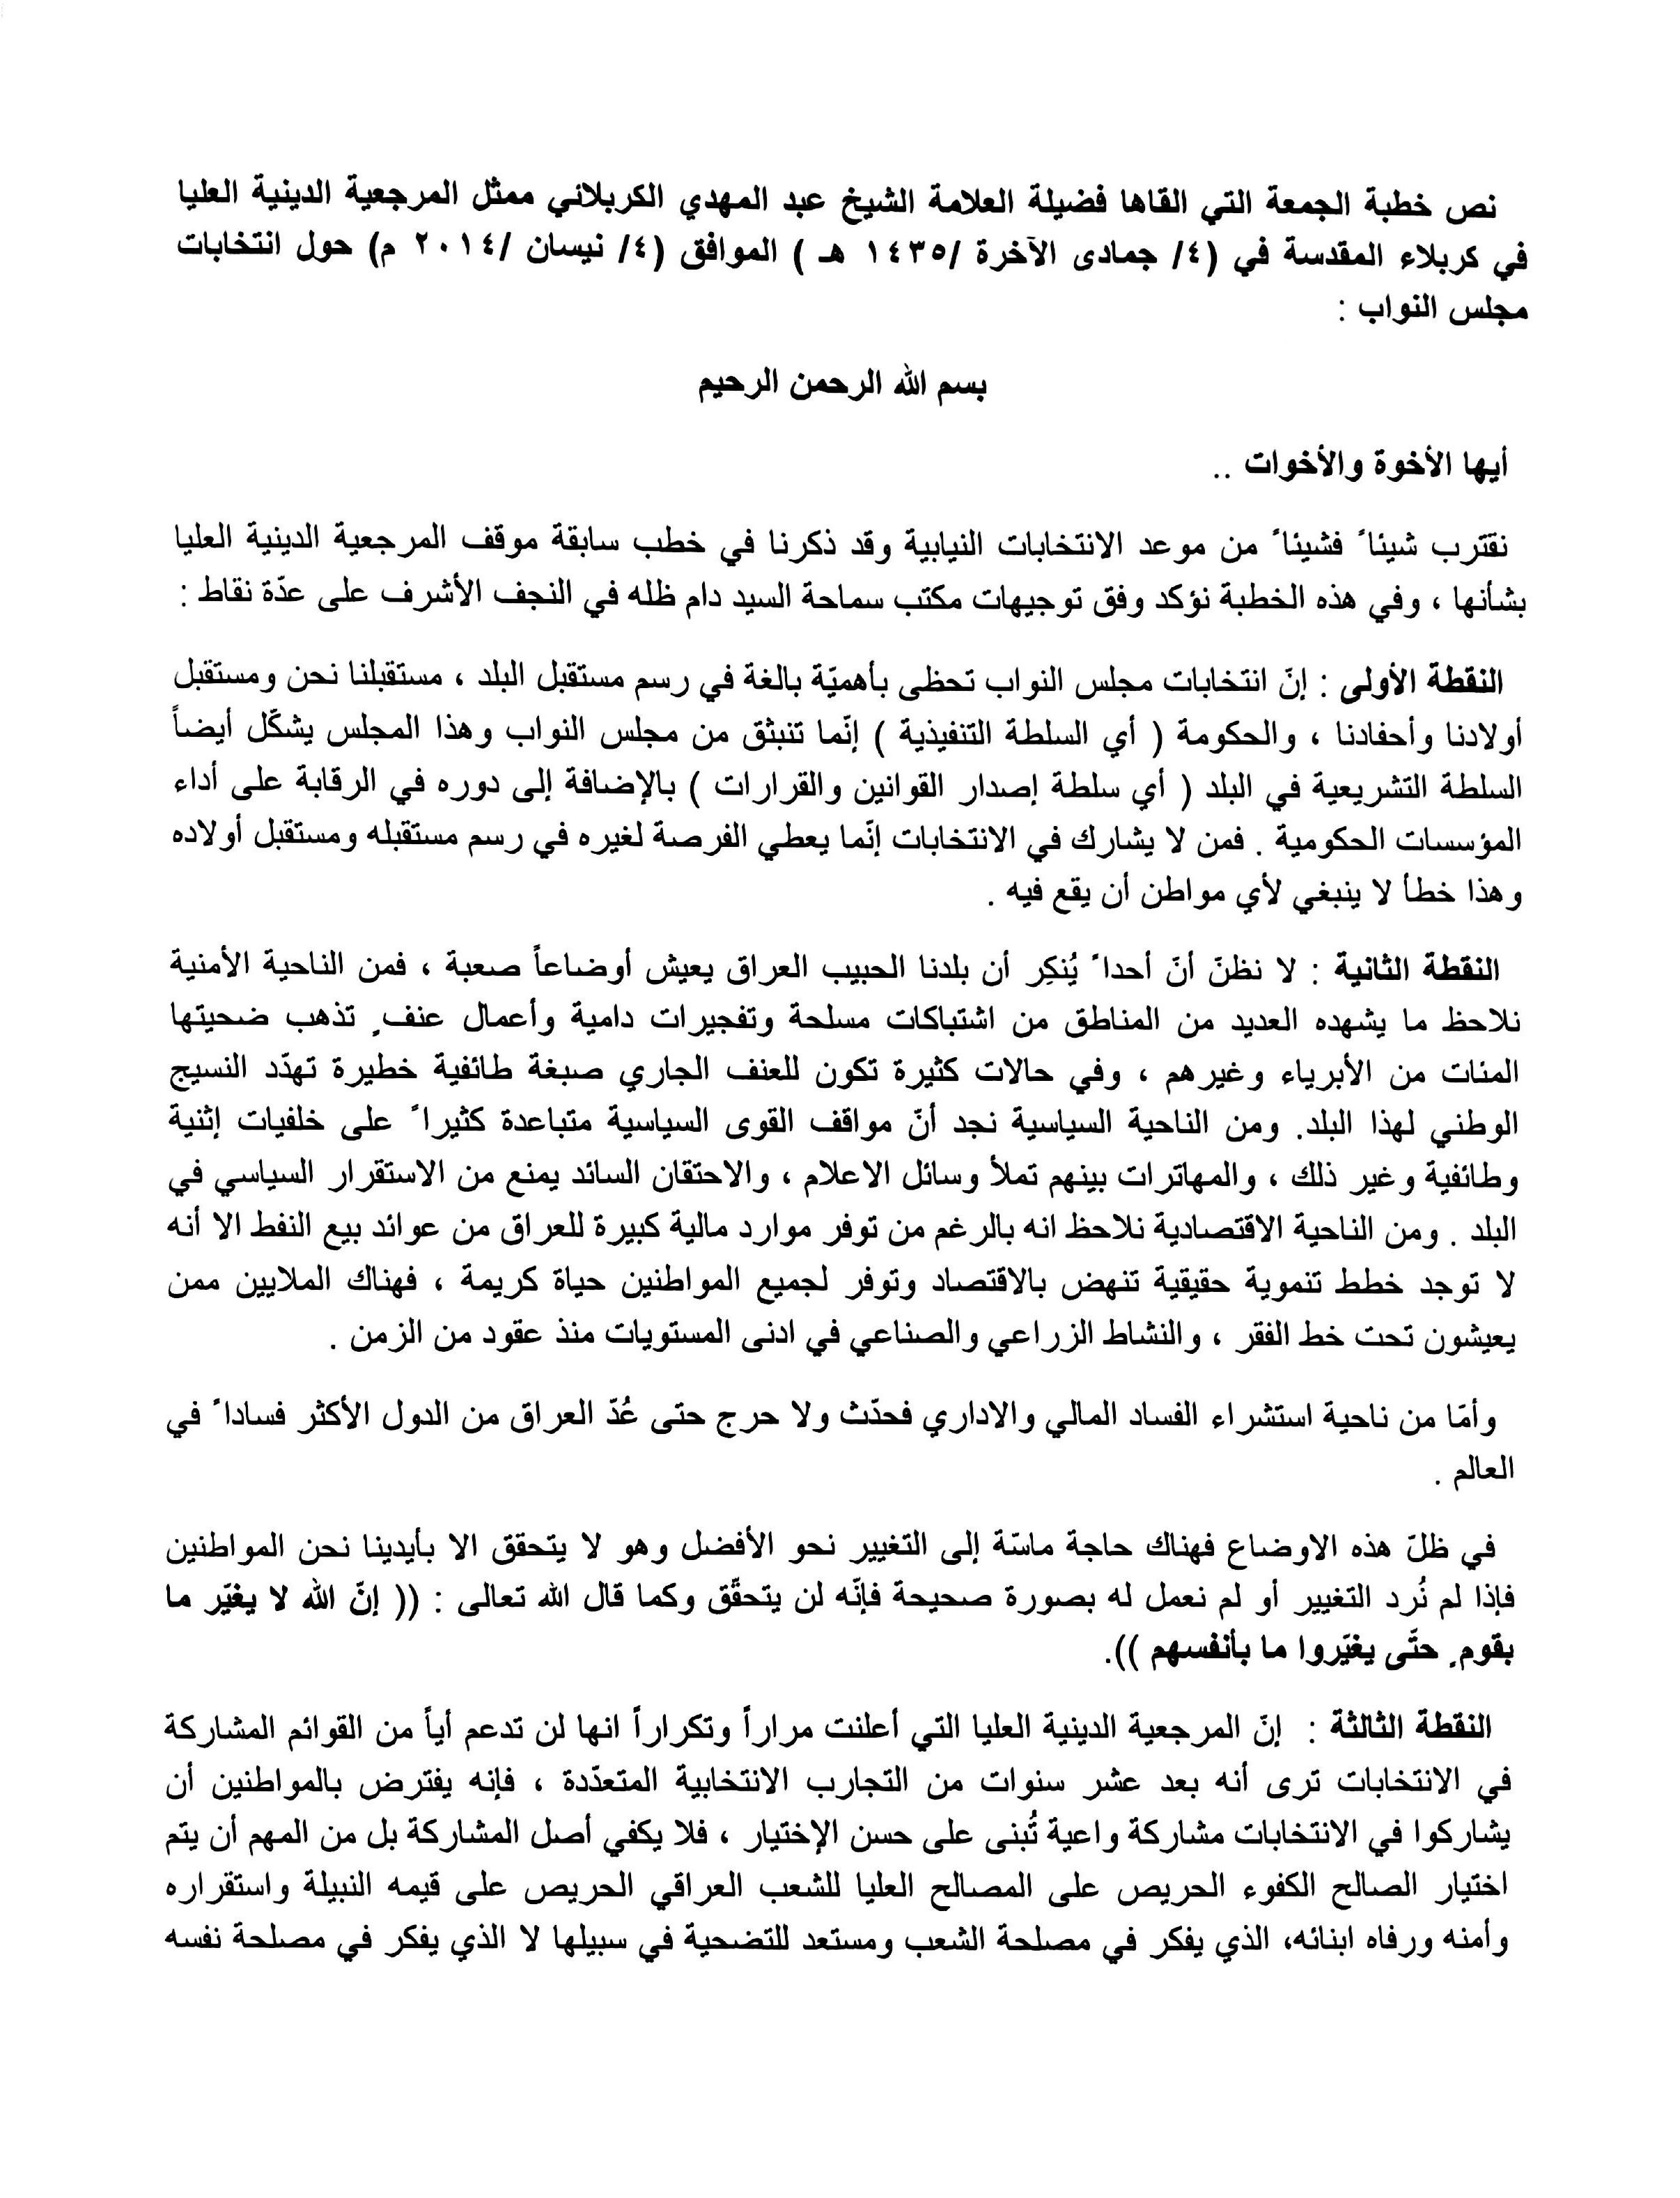 نص خطبة الجمعة التي القاها فضيلة العلامة الشيخ عبد المهدي